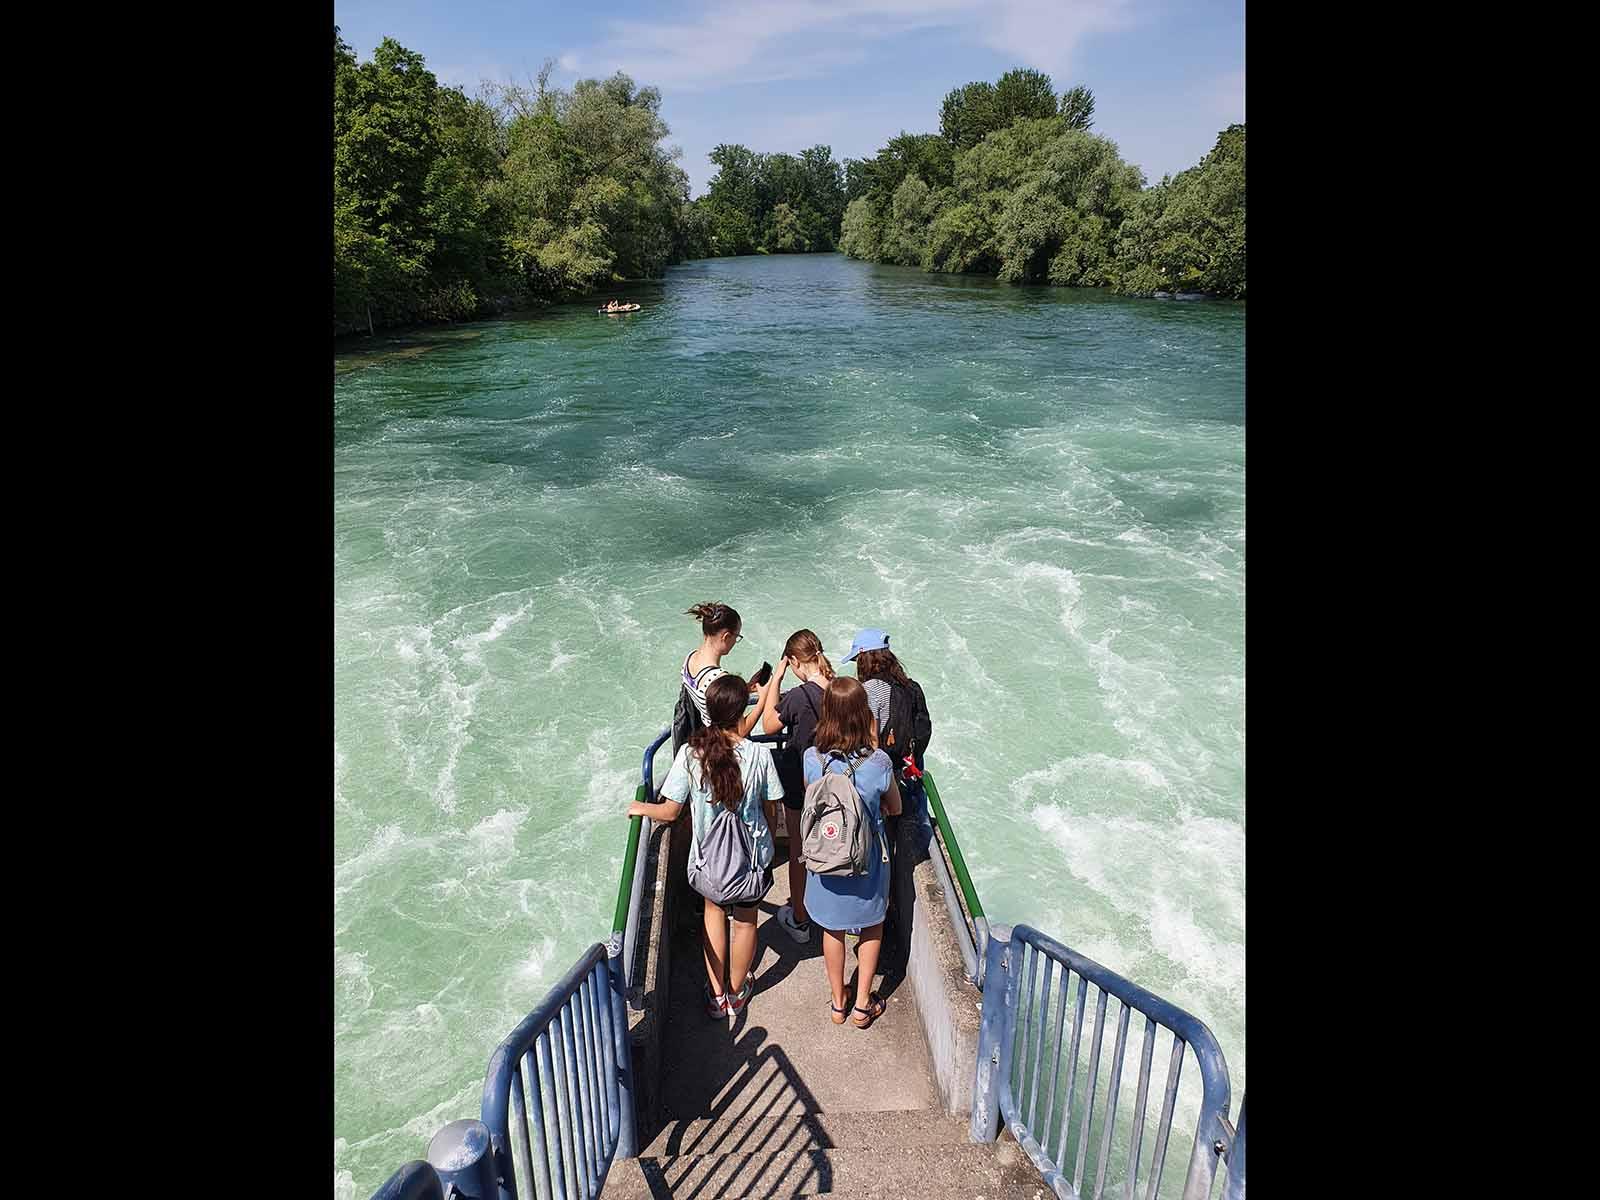 Die Gefahren von Flüssen dürfen nicht unterschätzt werden.